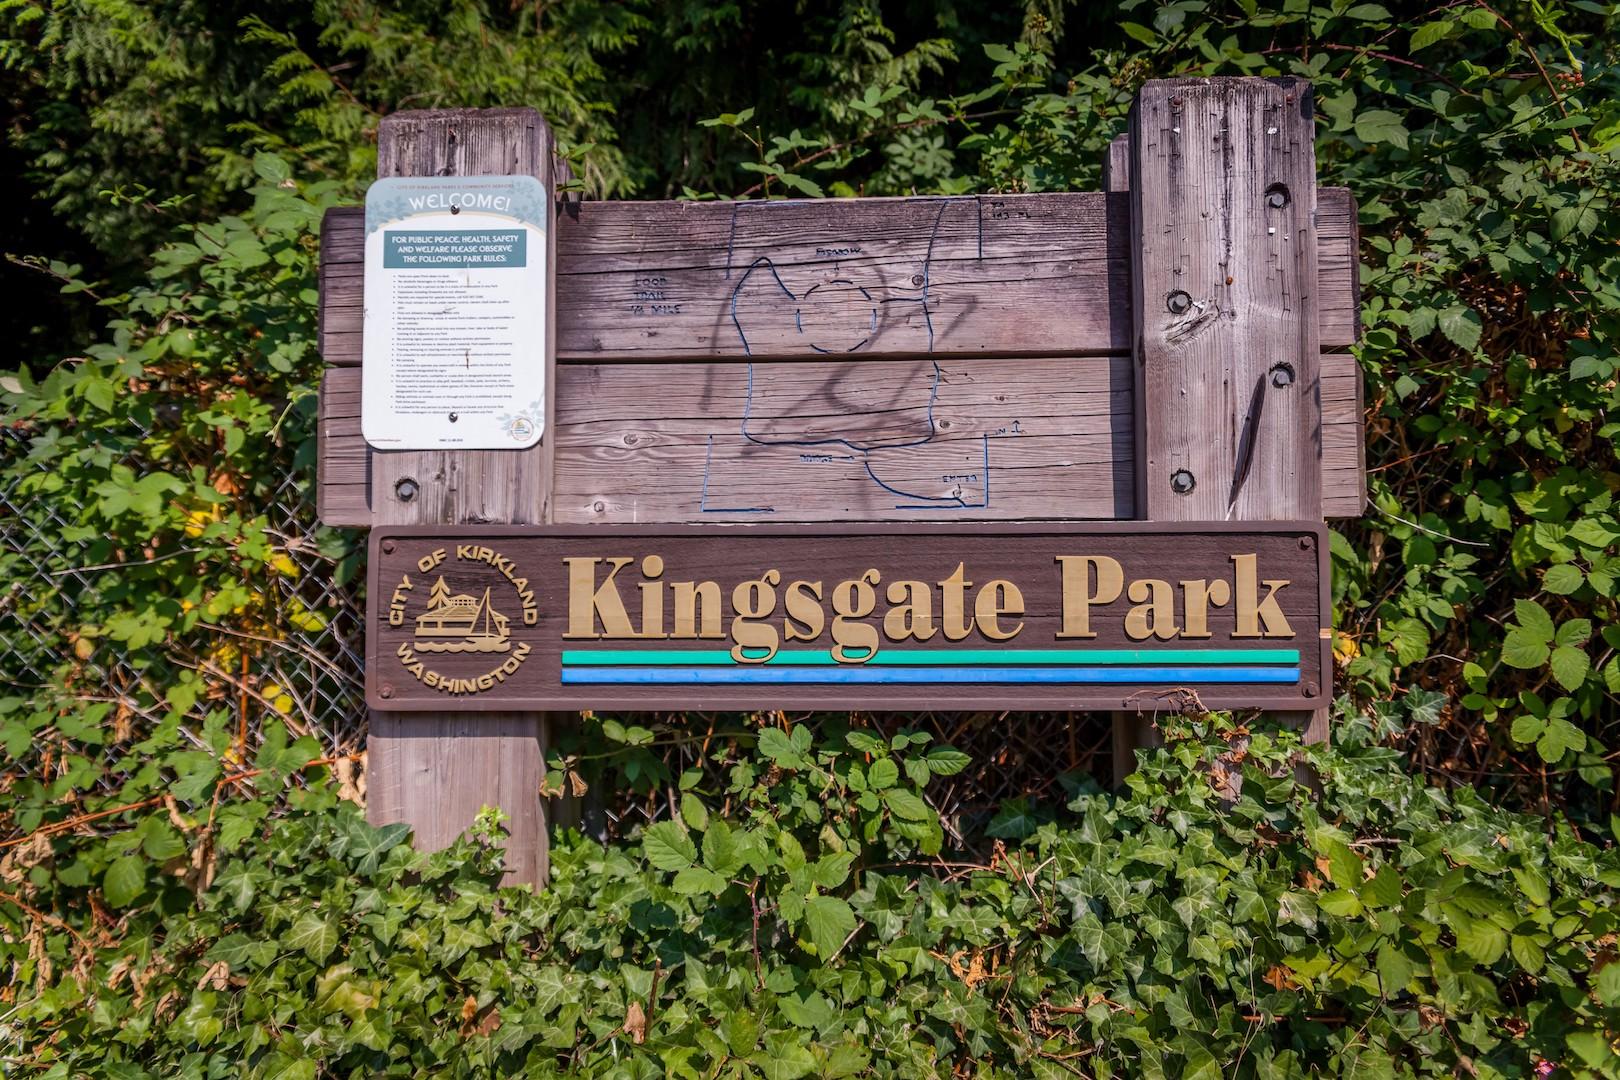 KingsgatePark.jpg